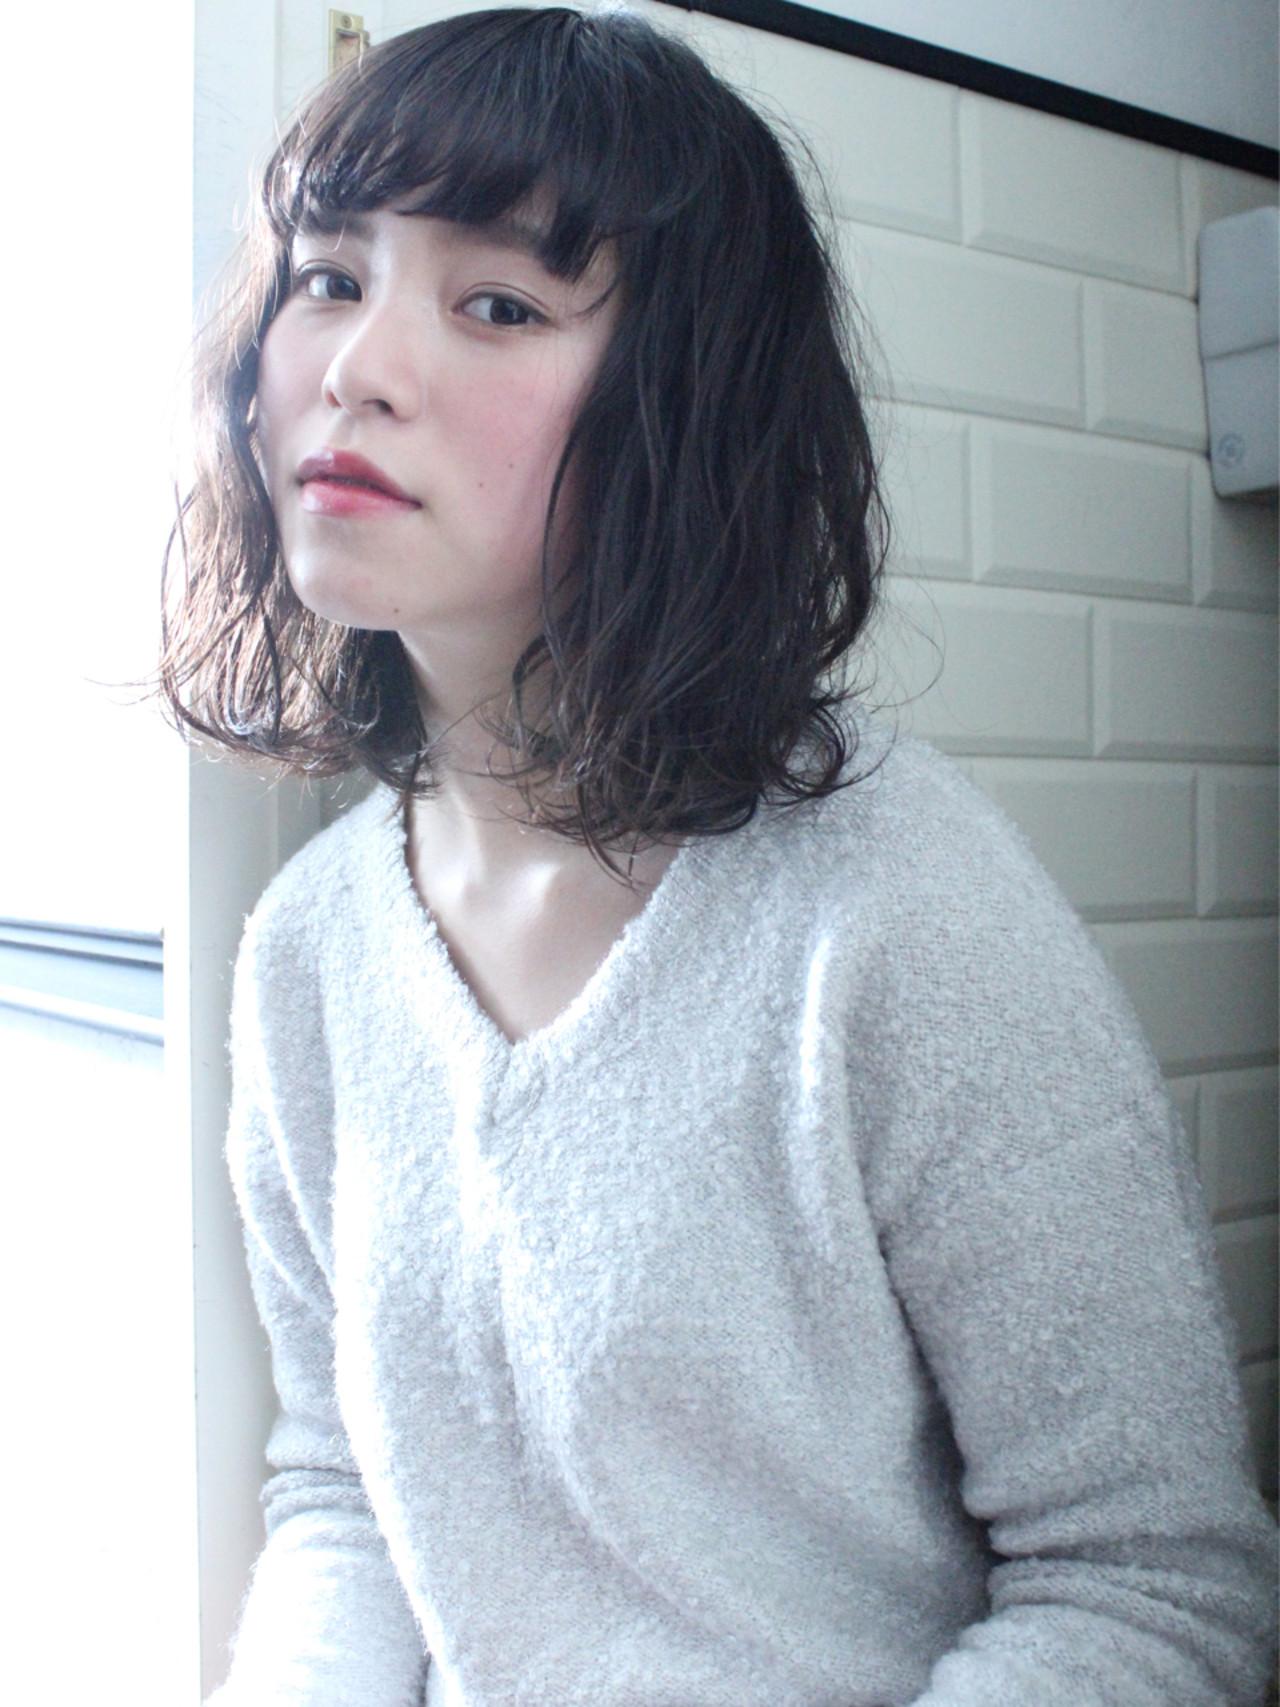 アッシュ 小顔 ナチュラル ニュアンス ヘアスタイルや髪型の写真・画像 | 上田智久 / ooit 福岡 天神 / ooit